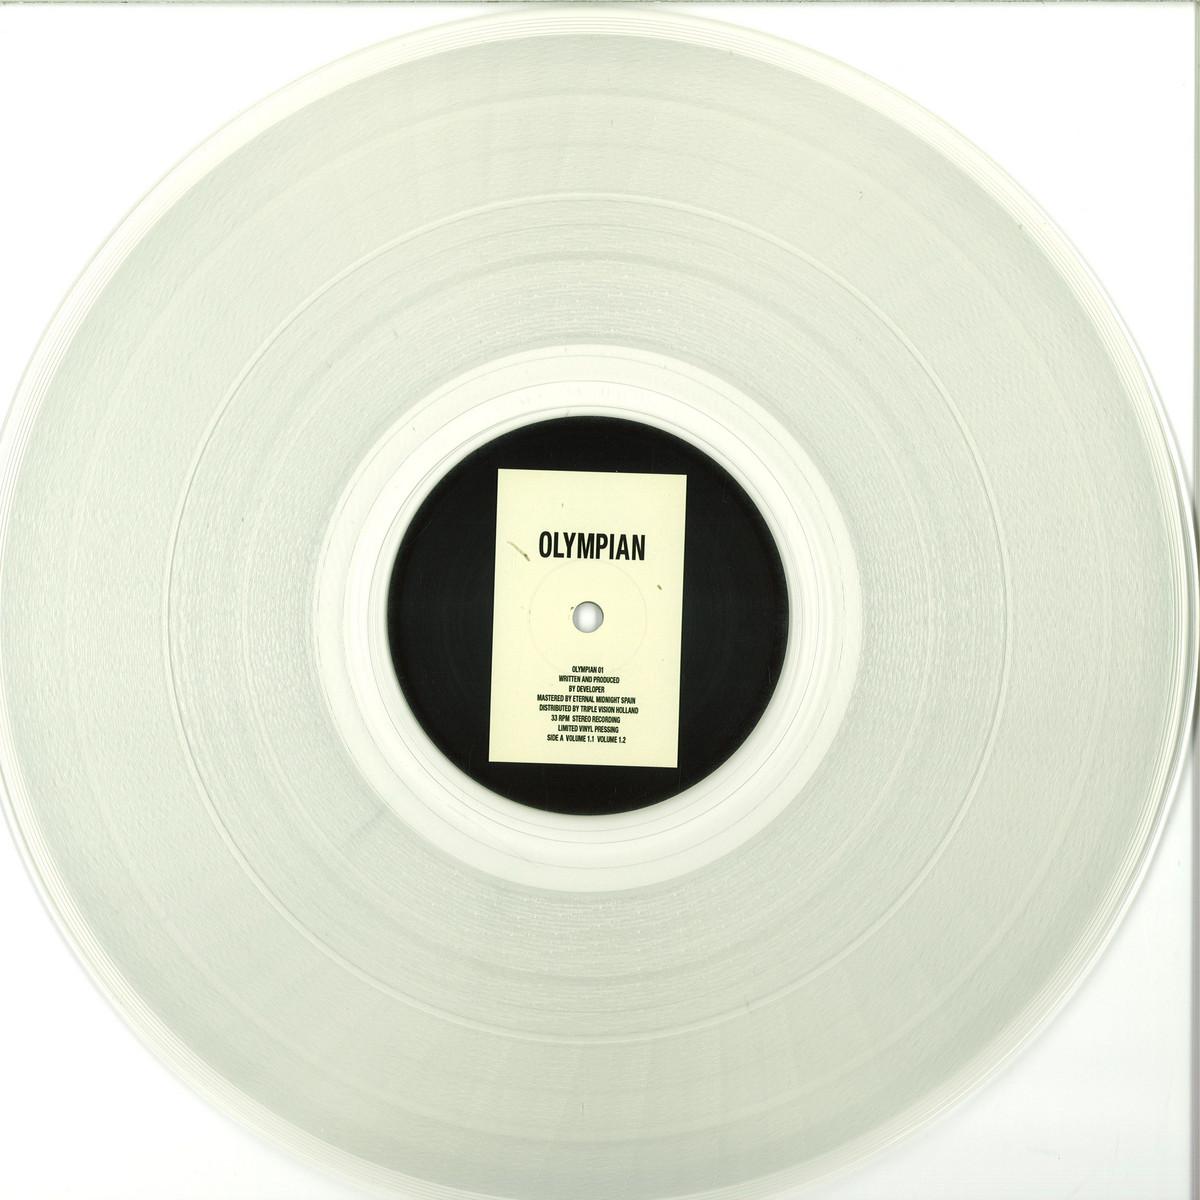 Developer Olympian 1 Olympian Olympian01 Vinyl